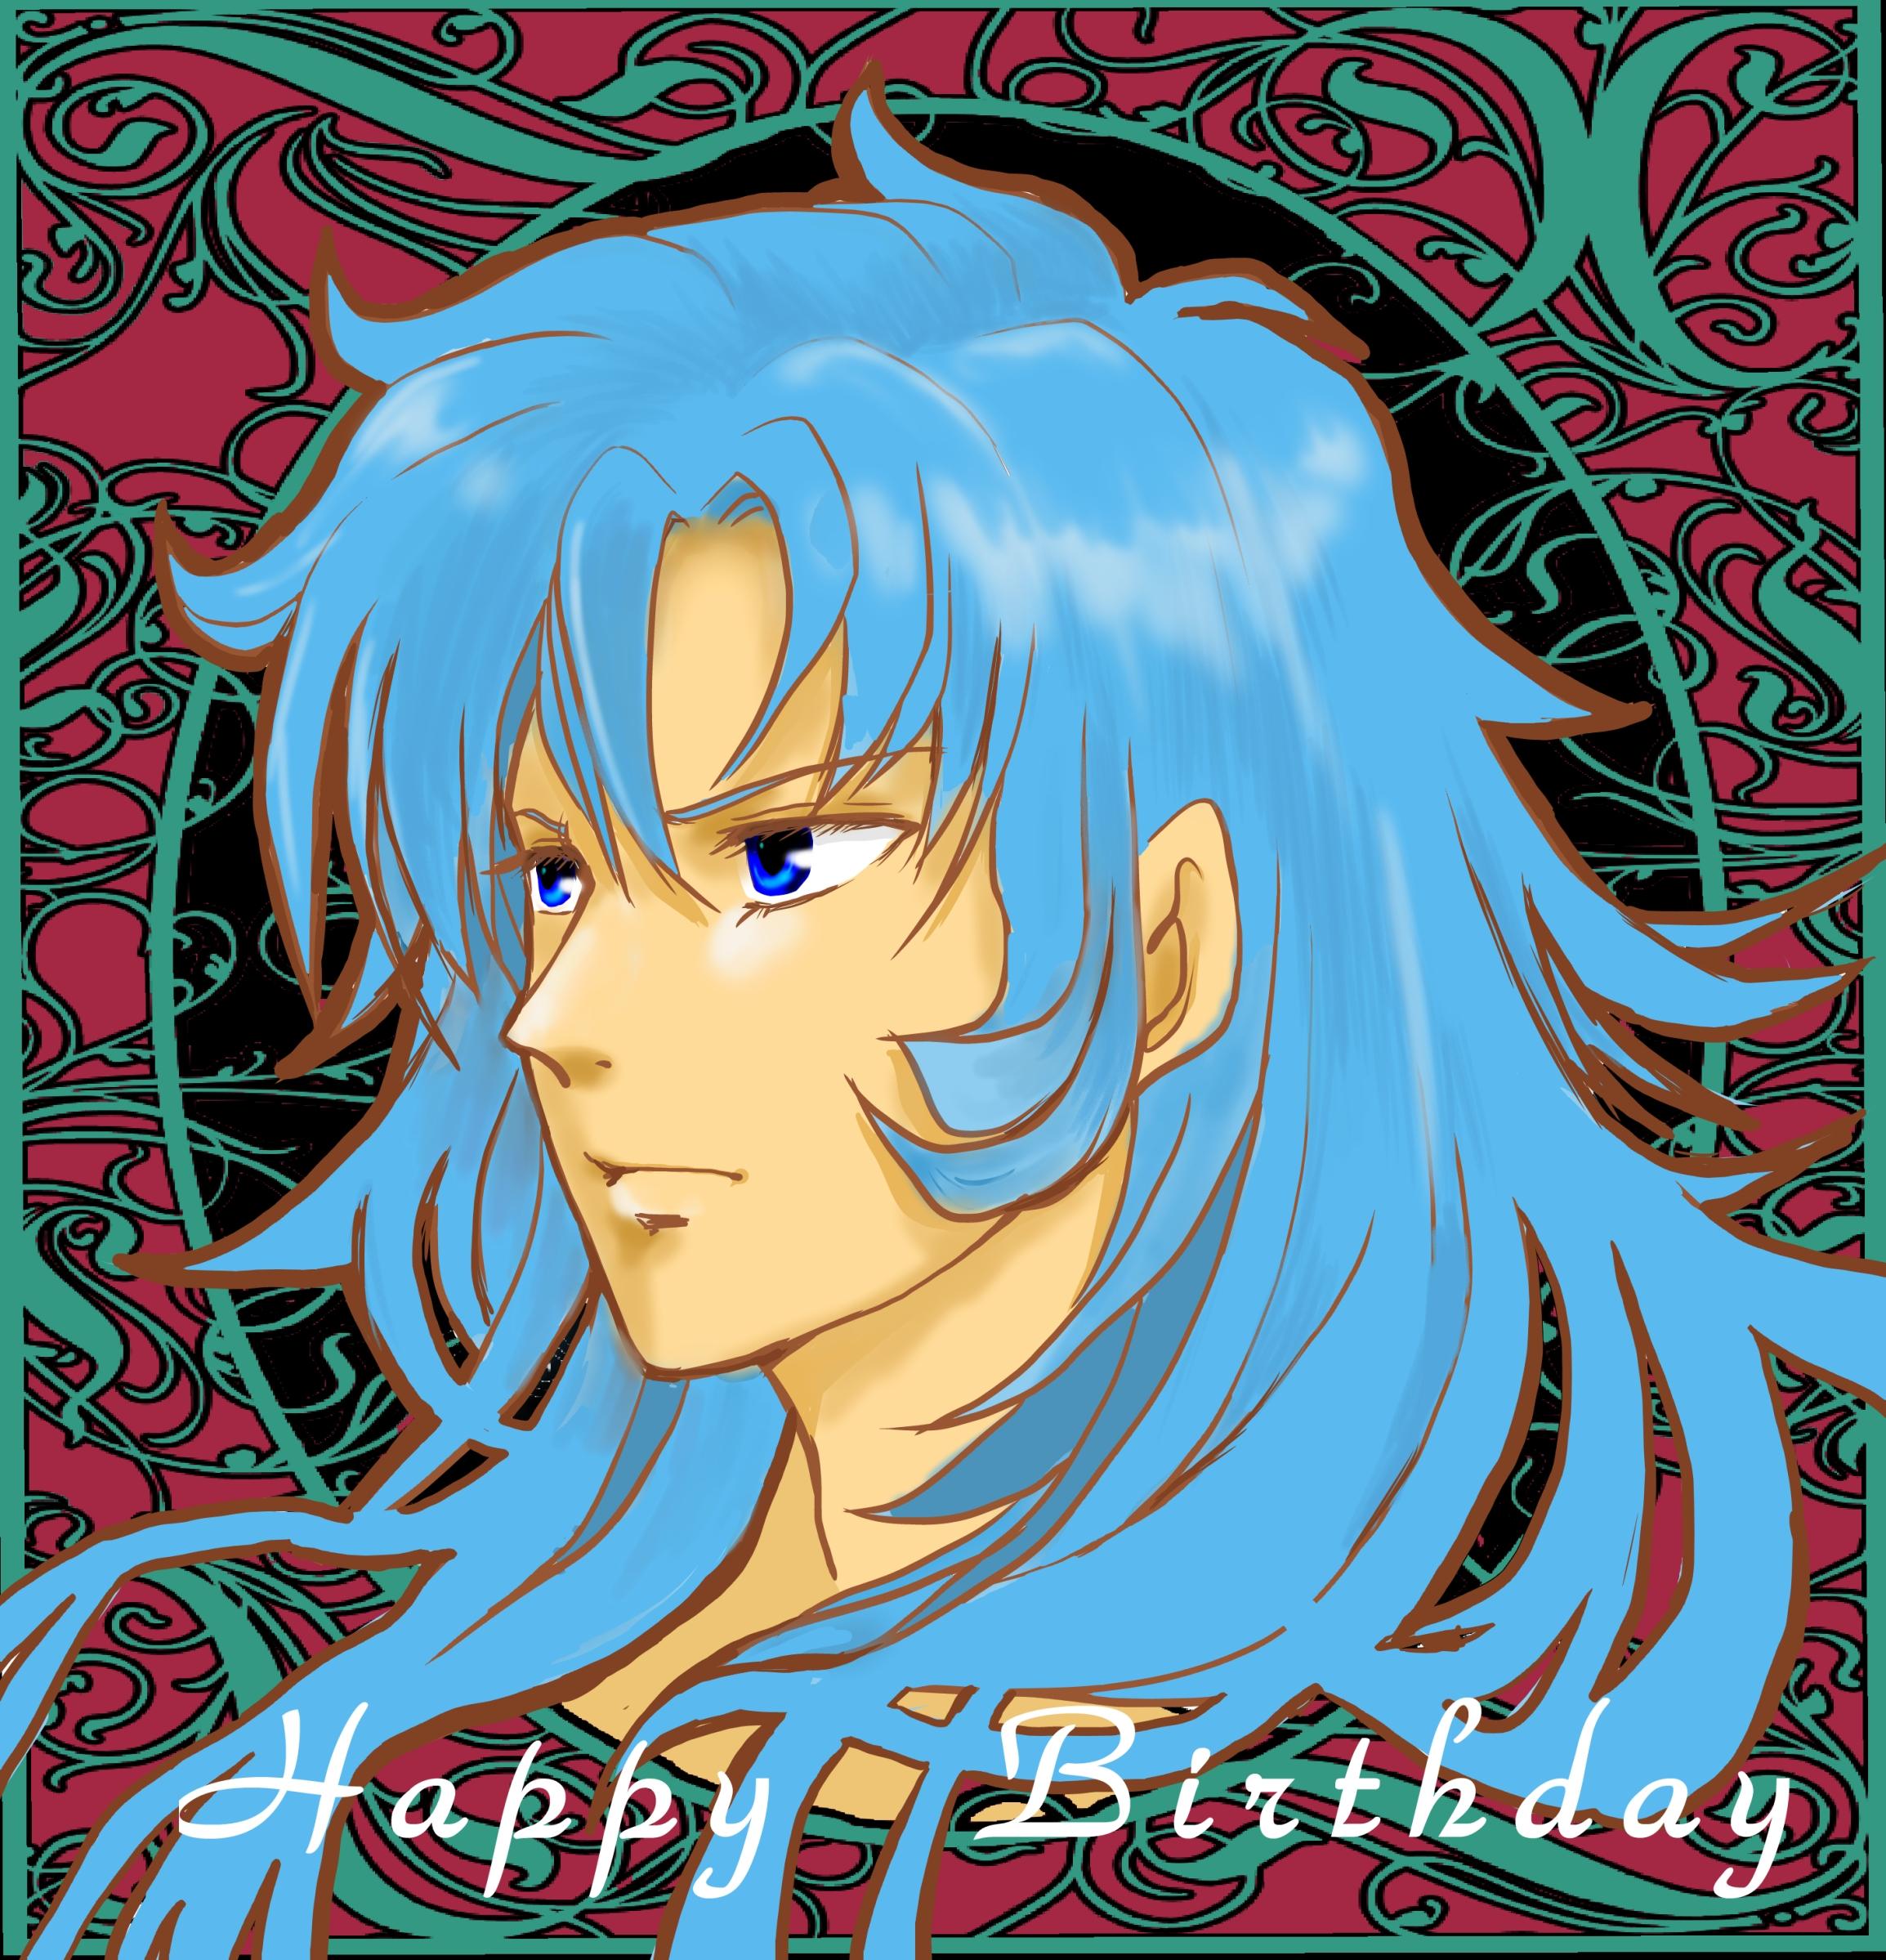 魚津 満さんお誕生日おめでとう